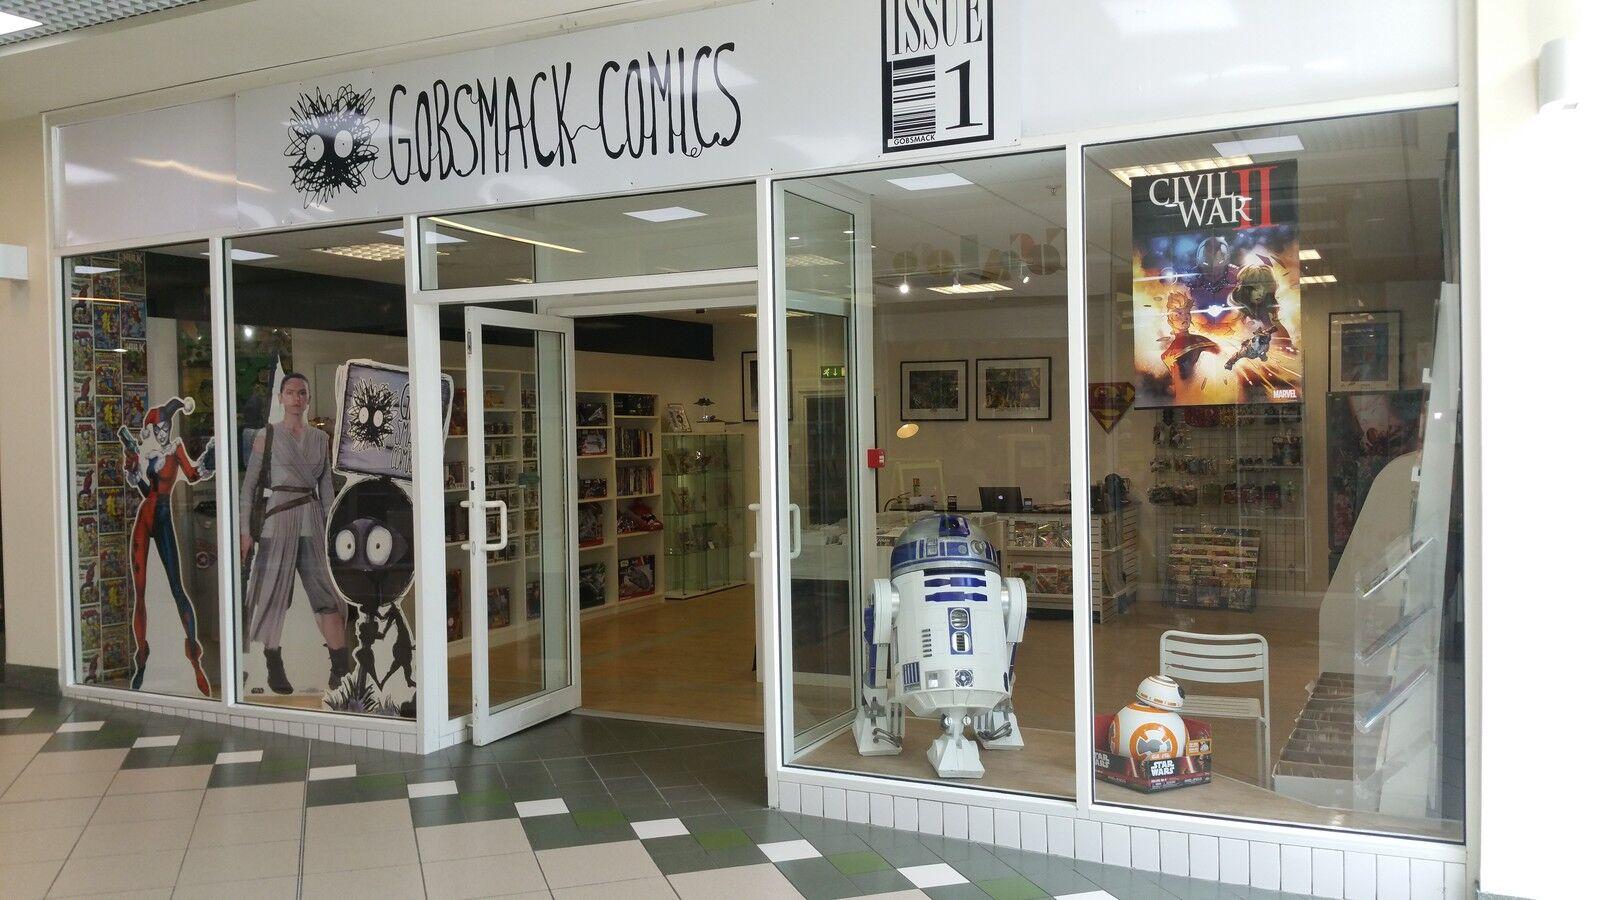 Gobsmack Comics